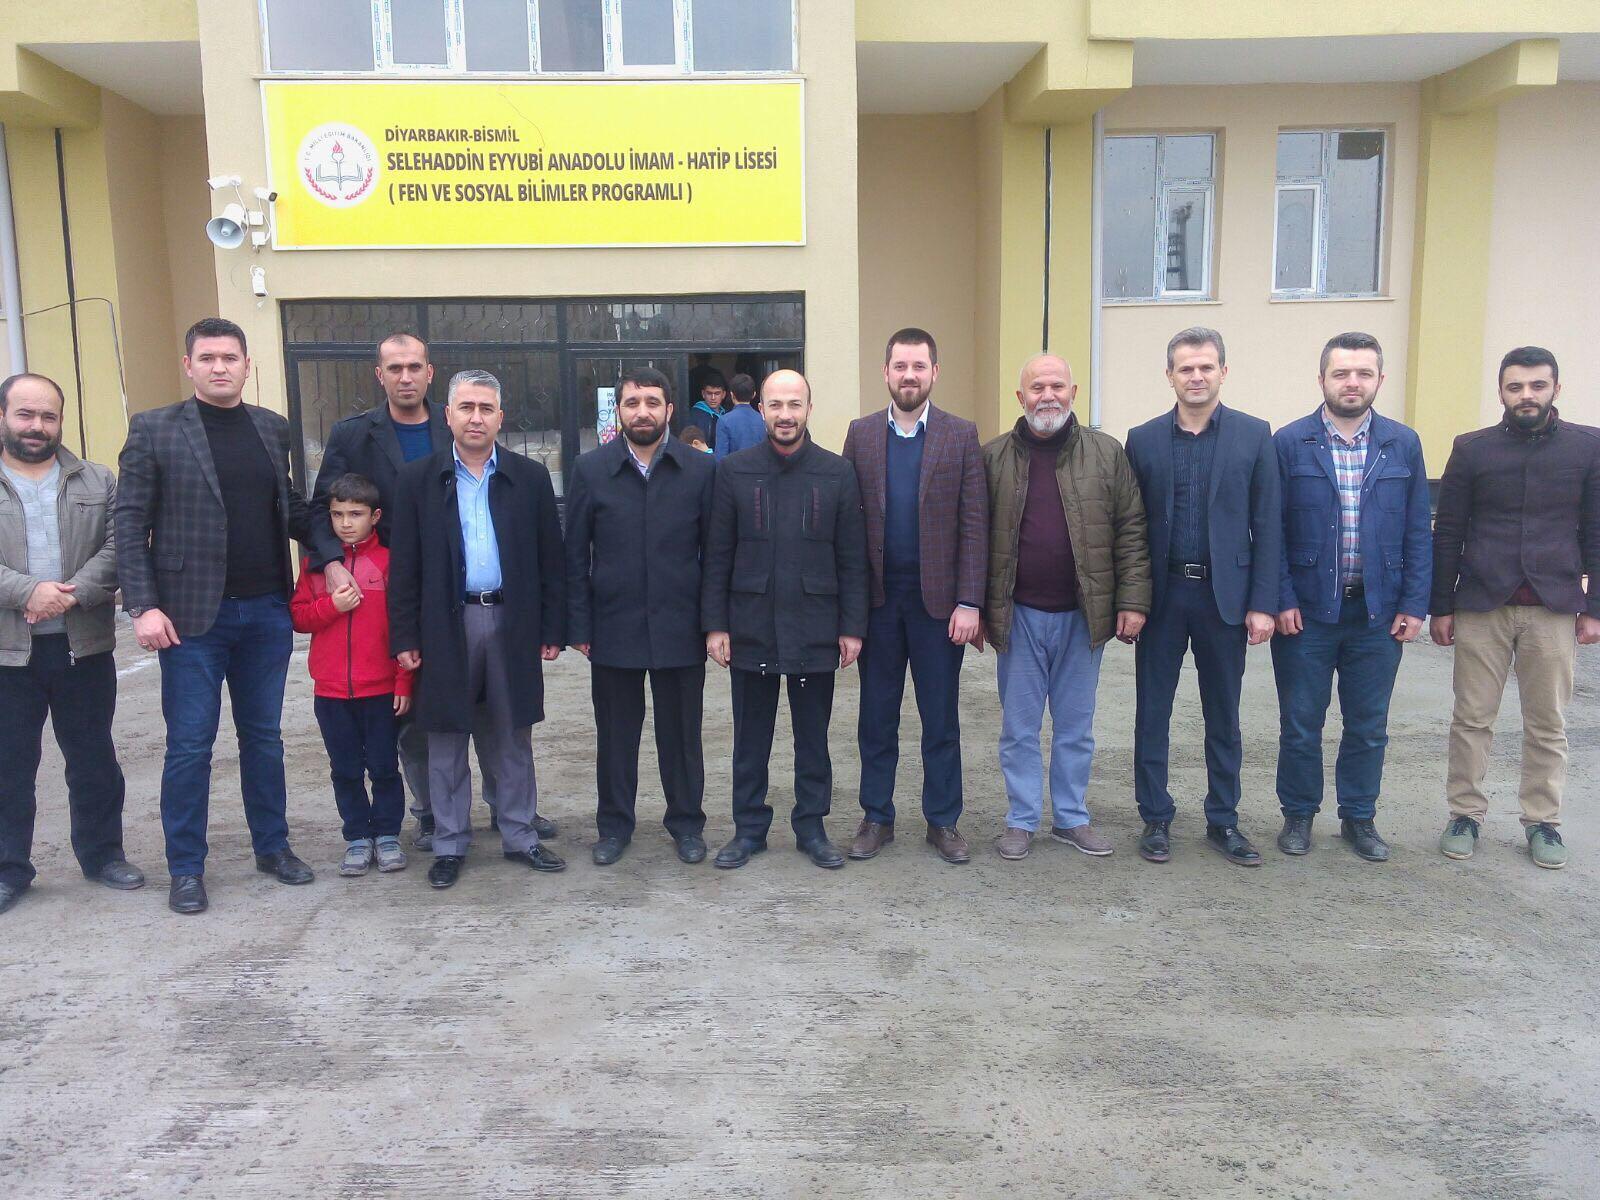 İlim Yayma Cemiyeti Başkan Yardımcısı Gayretli'den Bismil'e Ziyaret